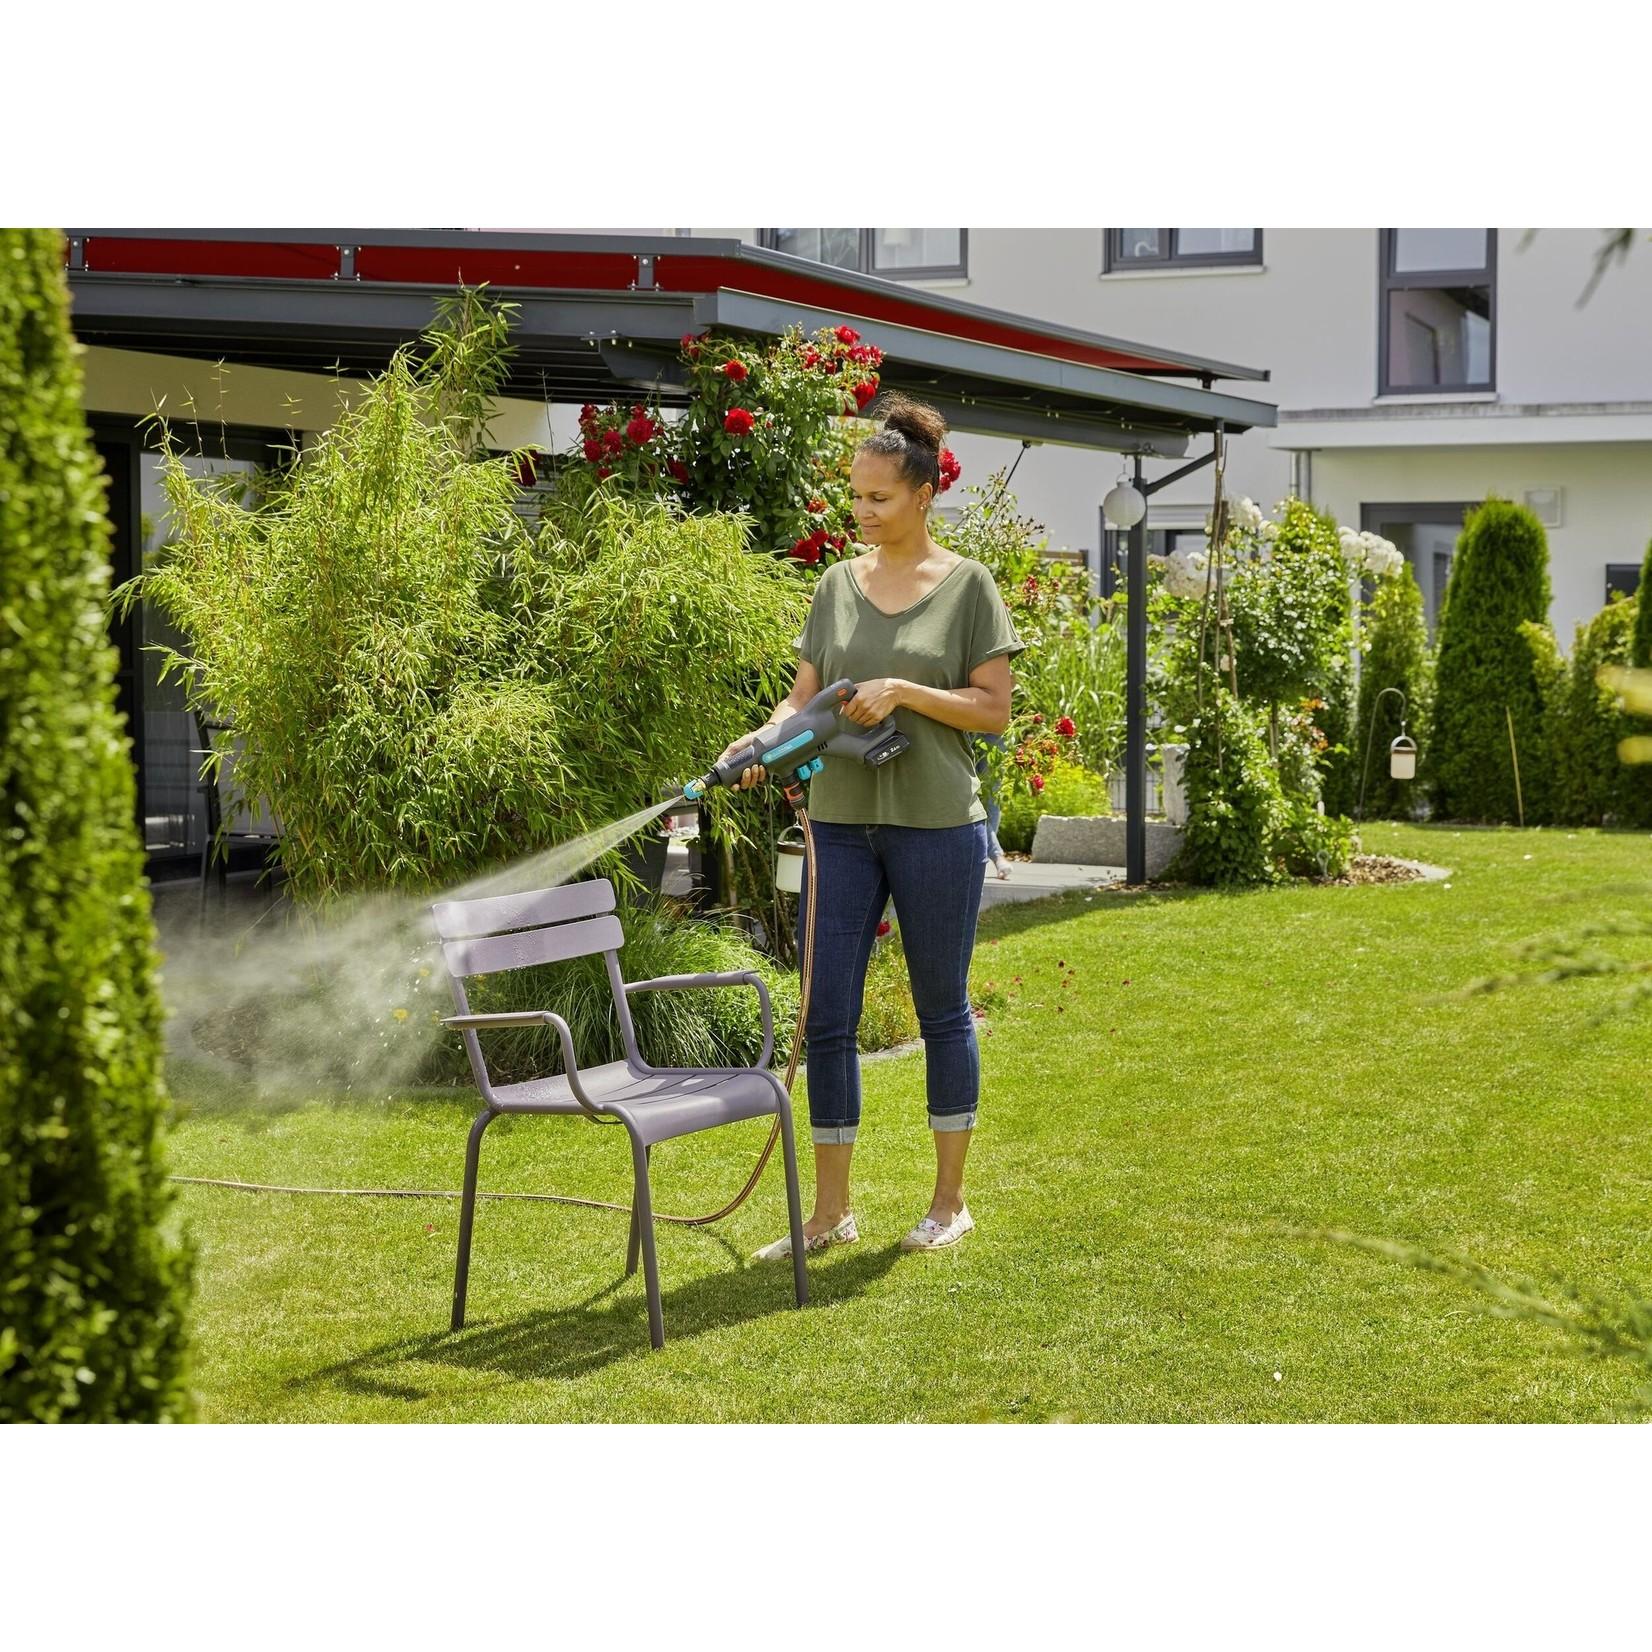 Gardena Gardena Accu hogedrukreiniger AquaClean 18V excl. Accu